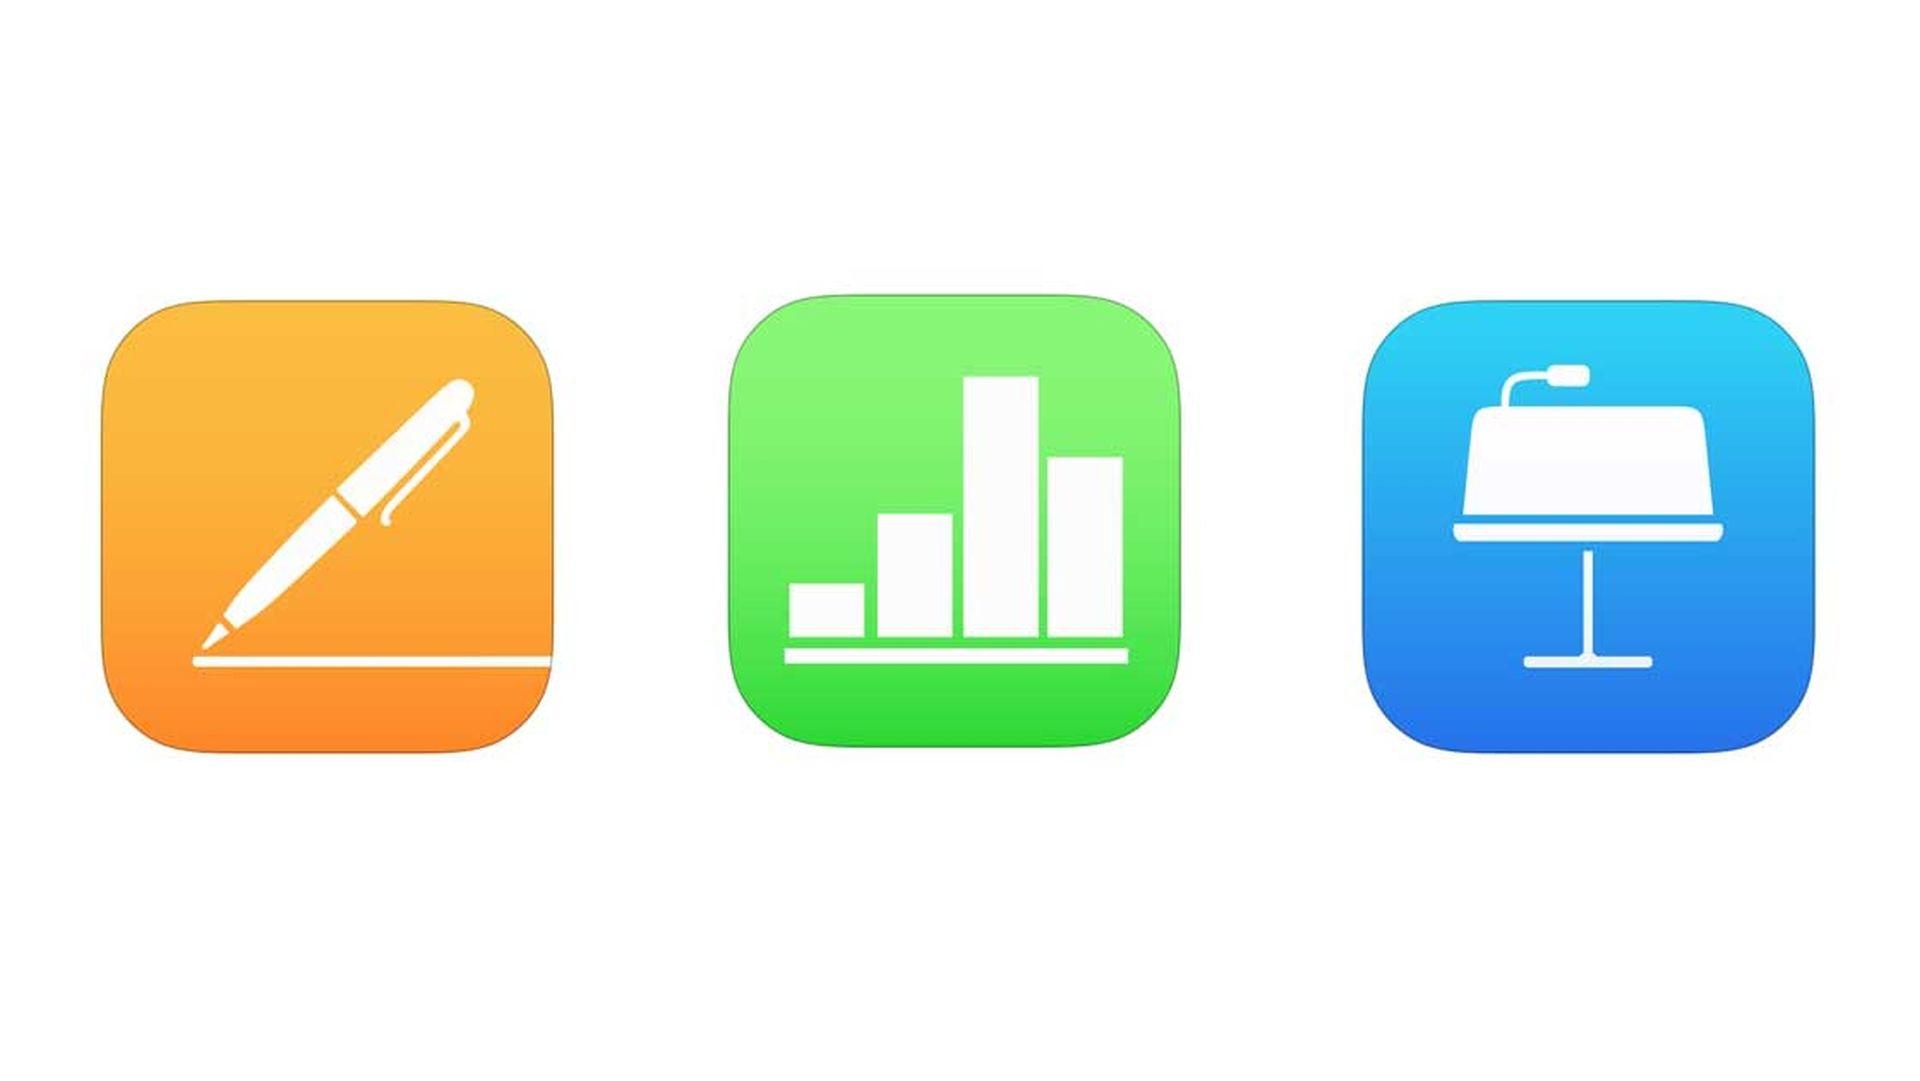 Pakiet iWork dla systemu macOS został zaktualizowany